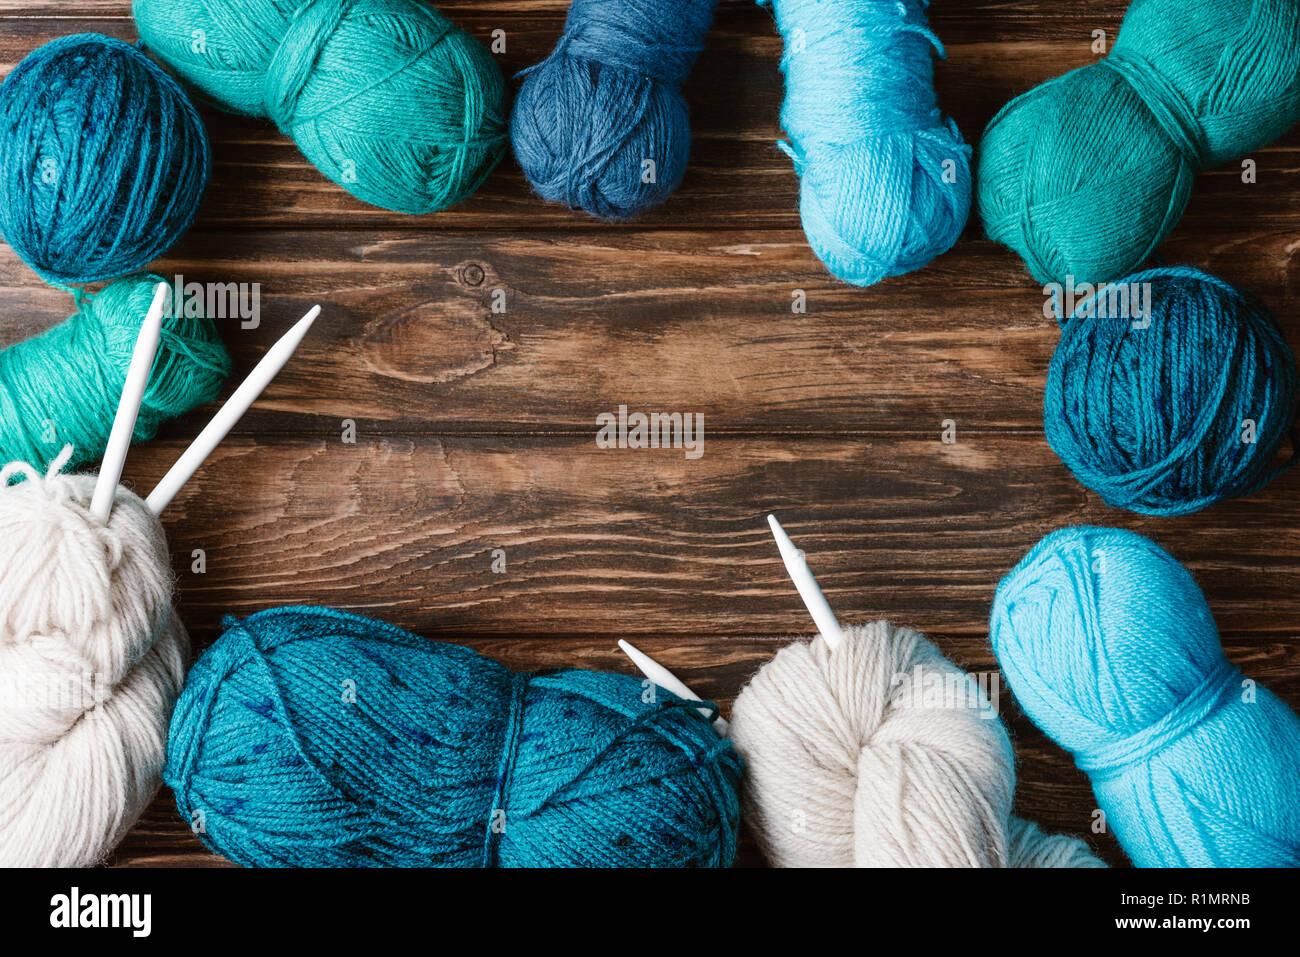 Flach mit arrangiert Garn clews und Stricknadeln auf Holz- Oberfläche Stockfoto